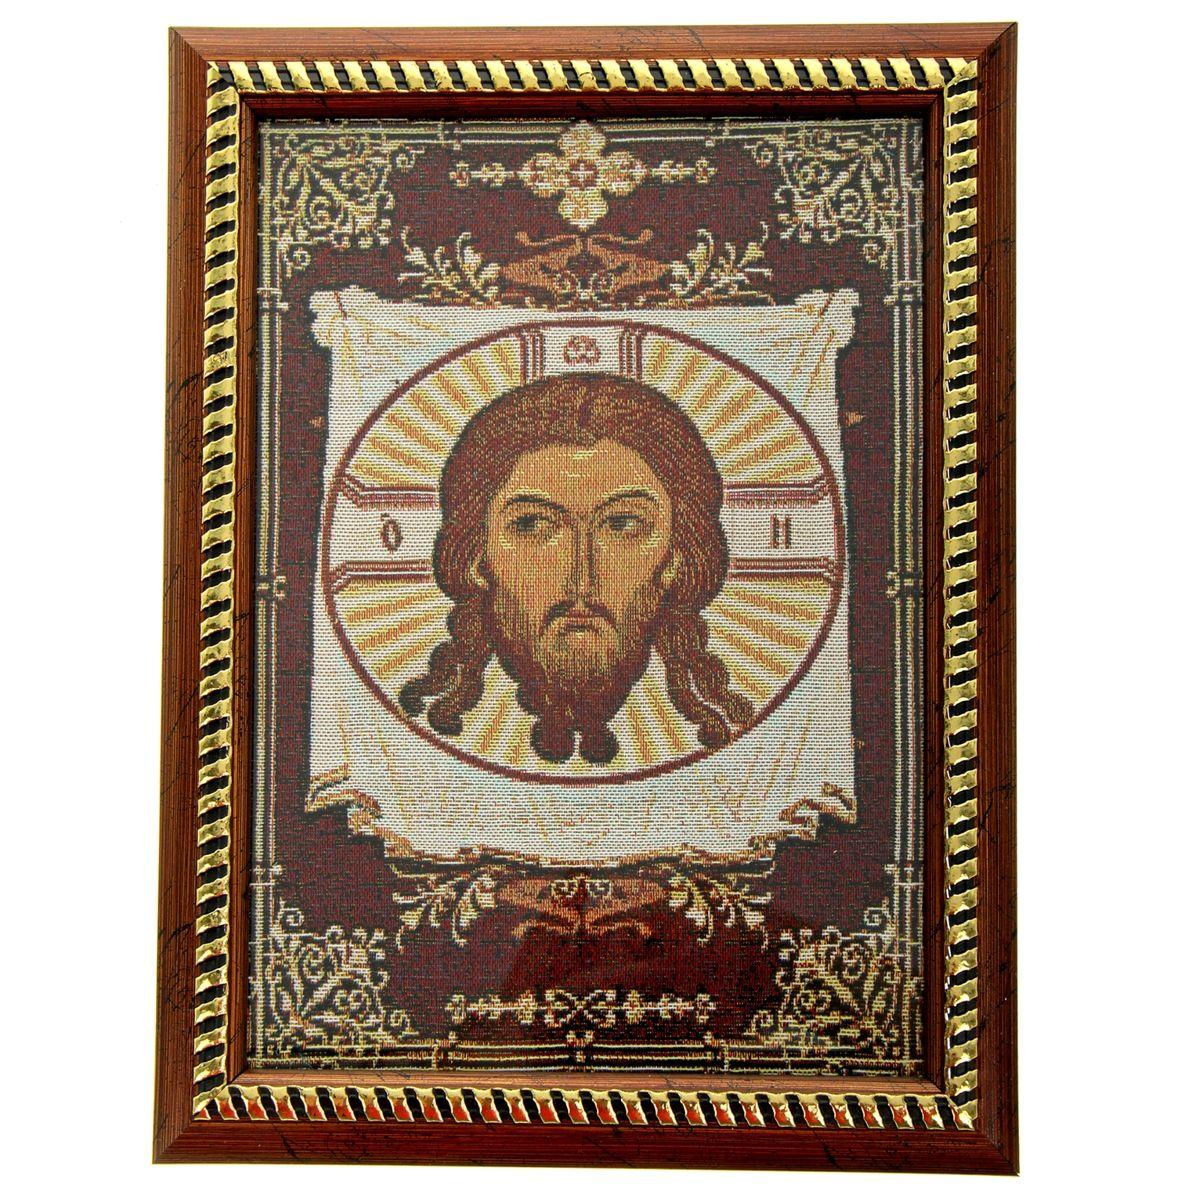 Икона в рамке Спас Нерукотворный, 21 х 27,5 смFS-80299Икона Спас Нерукотворный представляет собой святое изображение, вытканное на ткани и вставленное в деревянную рамку со стеклом. На обратной стороне иконы есть подставка, поэтому удобно располагать такую икону на столе. Икона полностью соответствует канонам Русской Православной Церкви. Икона выглядит по-настоящему богатой. Такая икона будет прекрасным подарком с духовной составляющей.